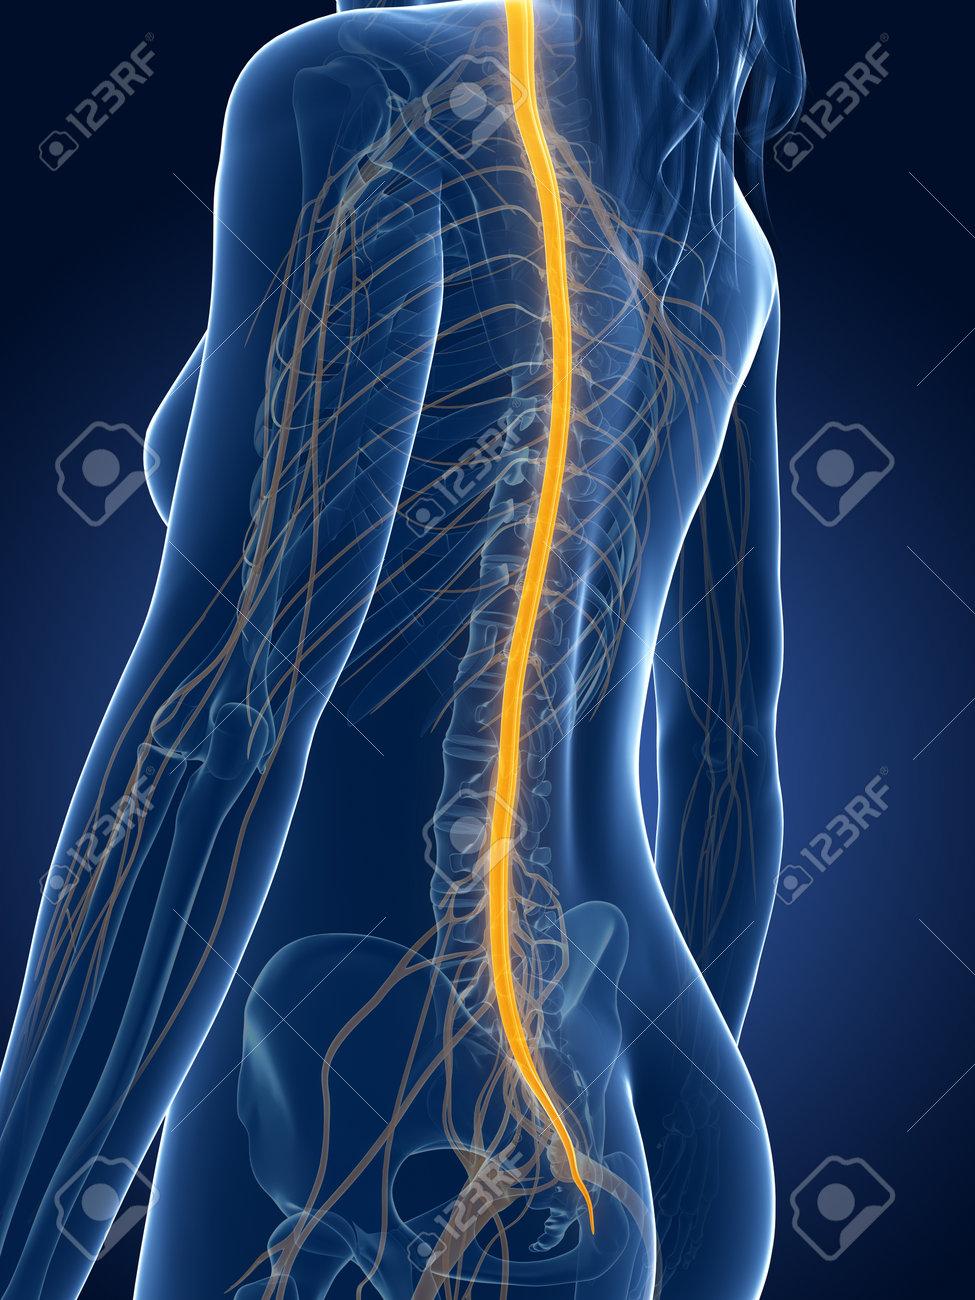 3d rendered medical illustration - female nerves Stock Photo - 22584149